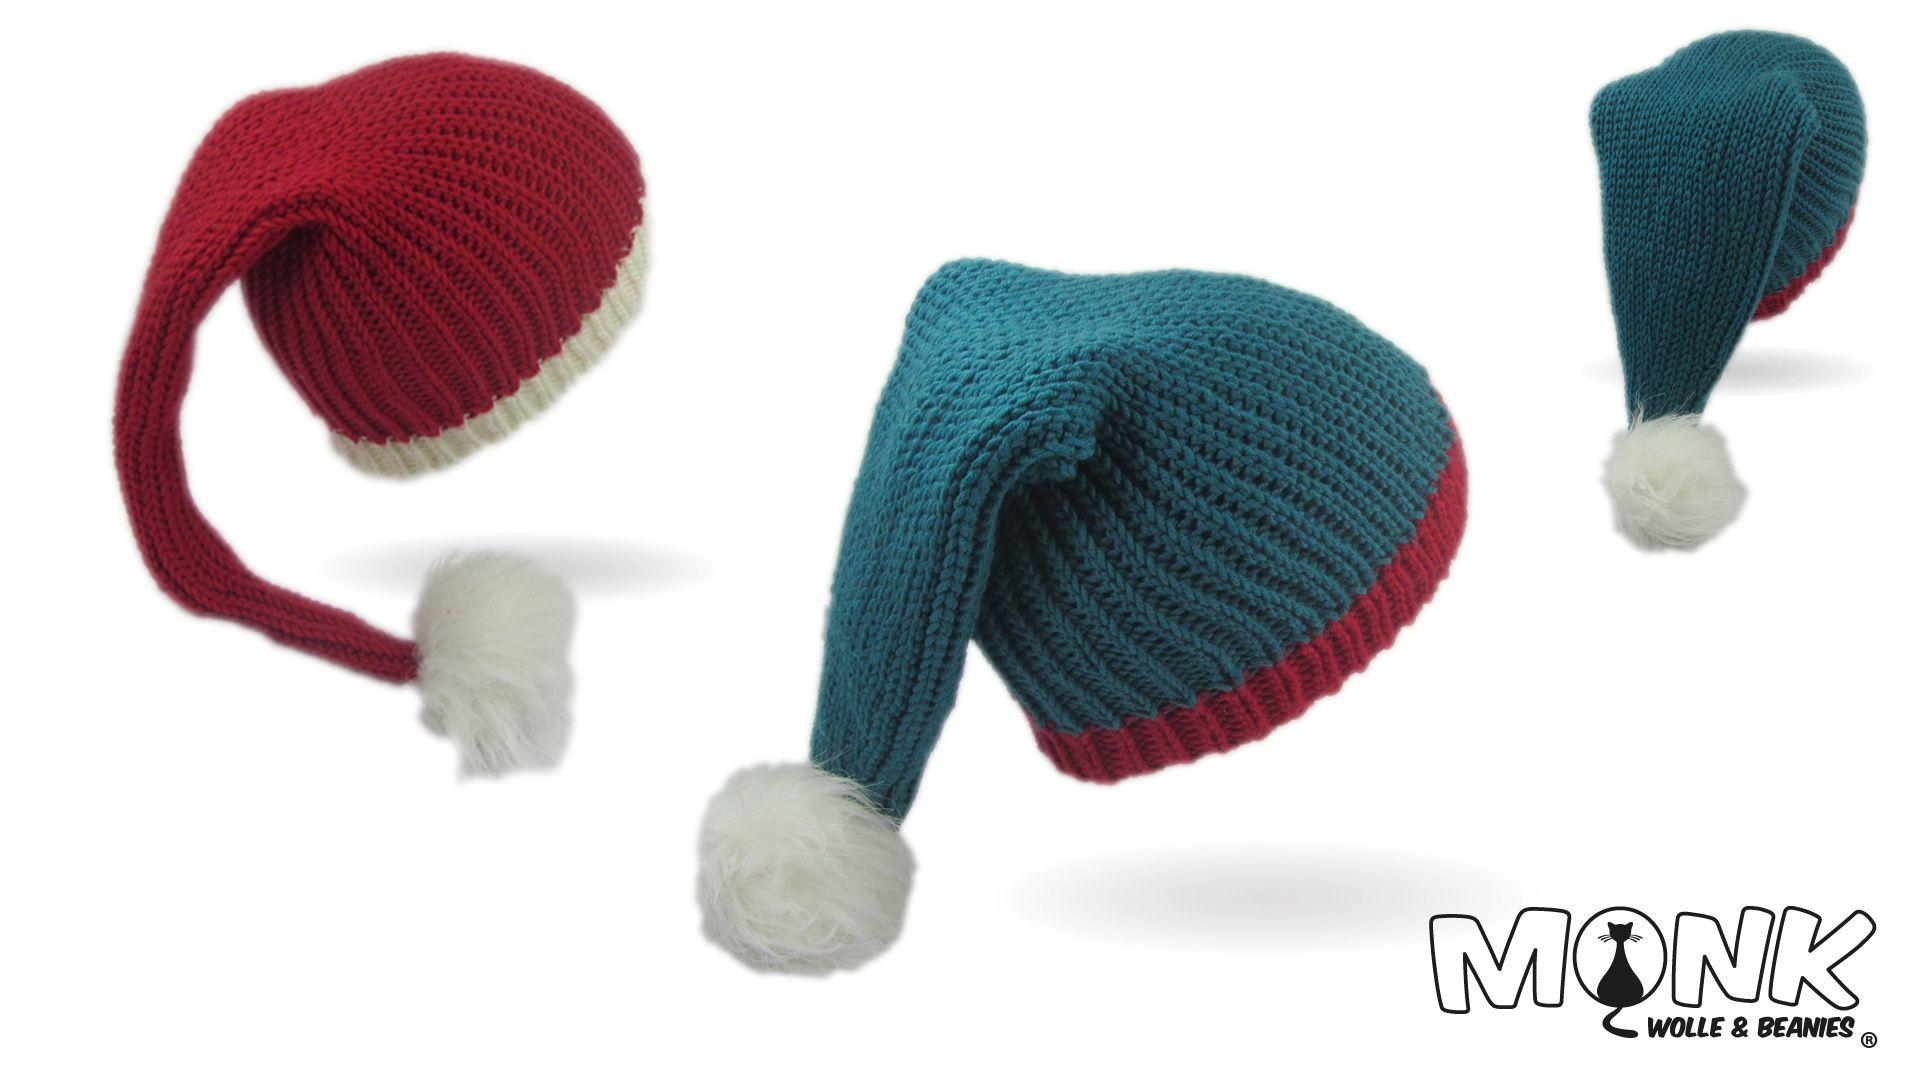 Mützen & Beanies häkeln - MONK Wolle & Beanies - Mütze häkeln ...